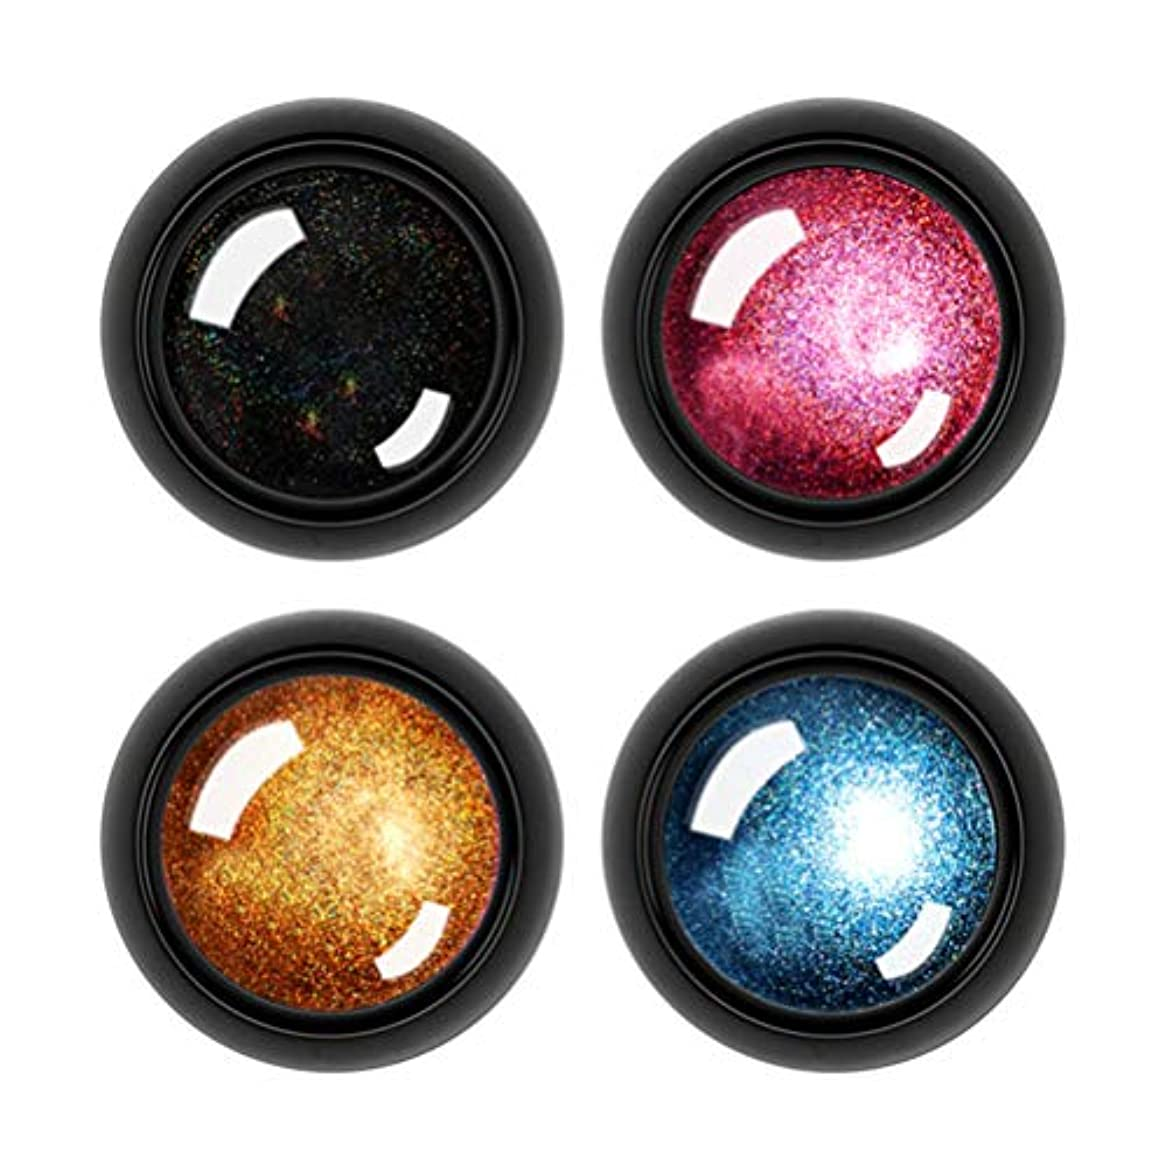 蒸留する活気づく励起Frcolor ネイルパウダー ネイルアート ミラーパウダー ネイルオーロラ ユニコーンパウダー 輝く 鏡面 金属調 4色セット